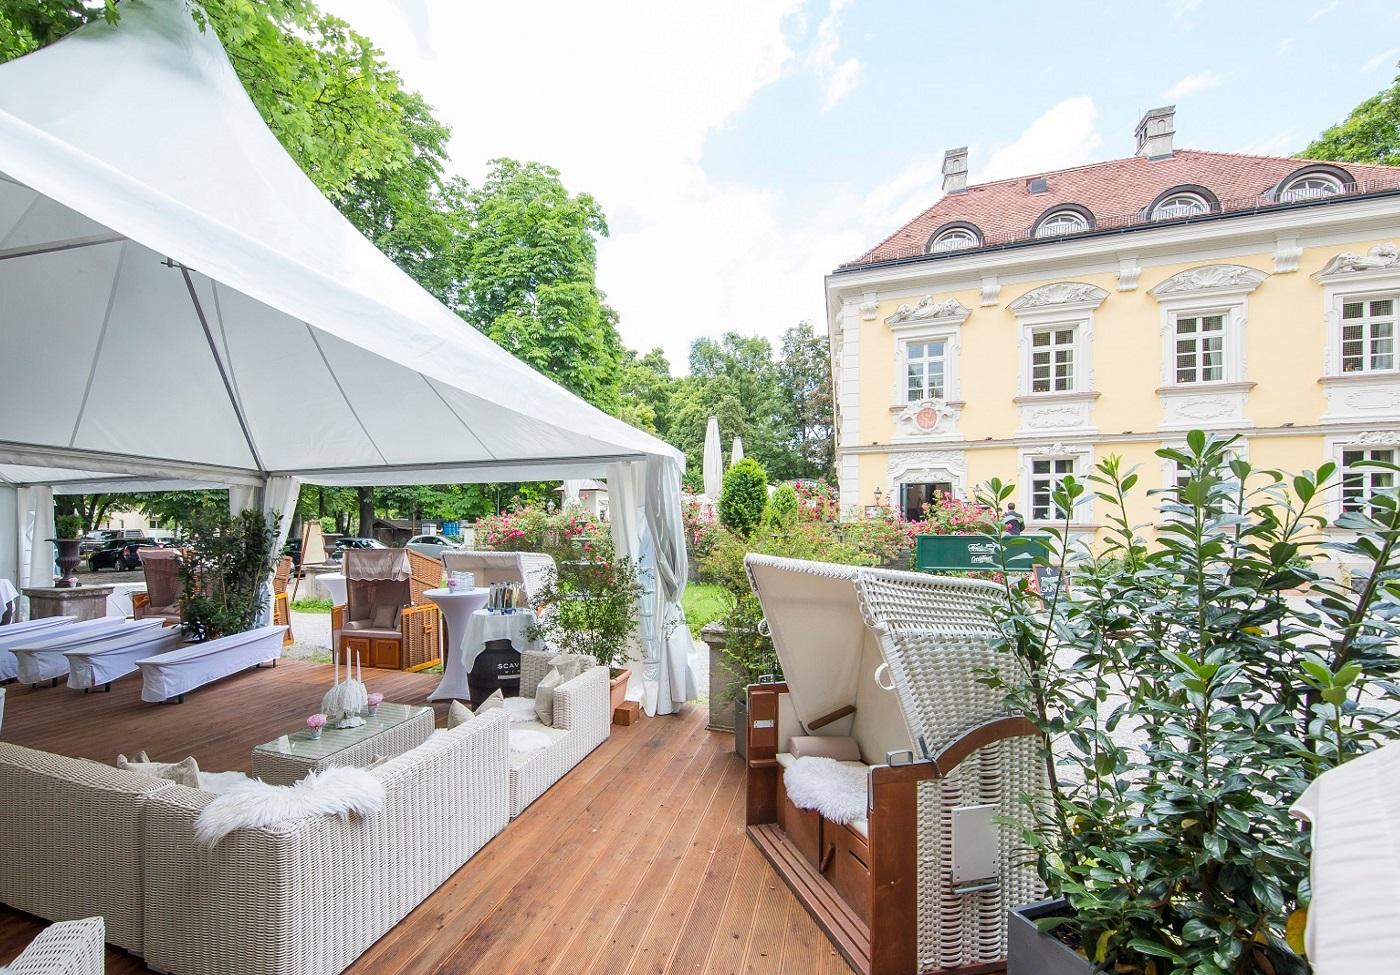 Bamberger haus hochzeit fiylo for Haus dekorieren hochzeit